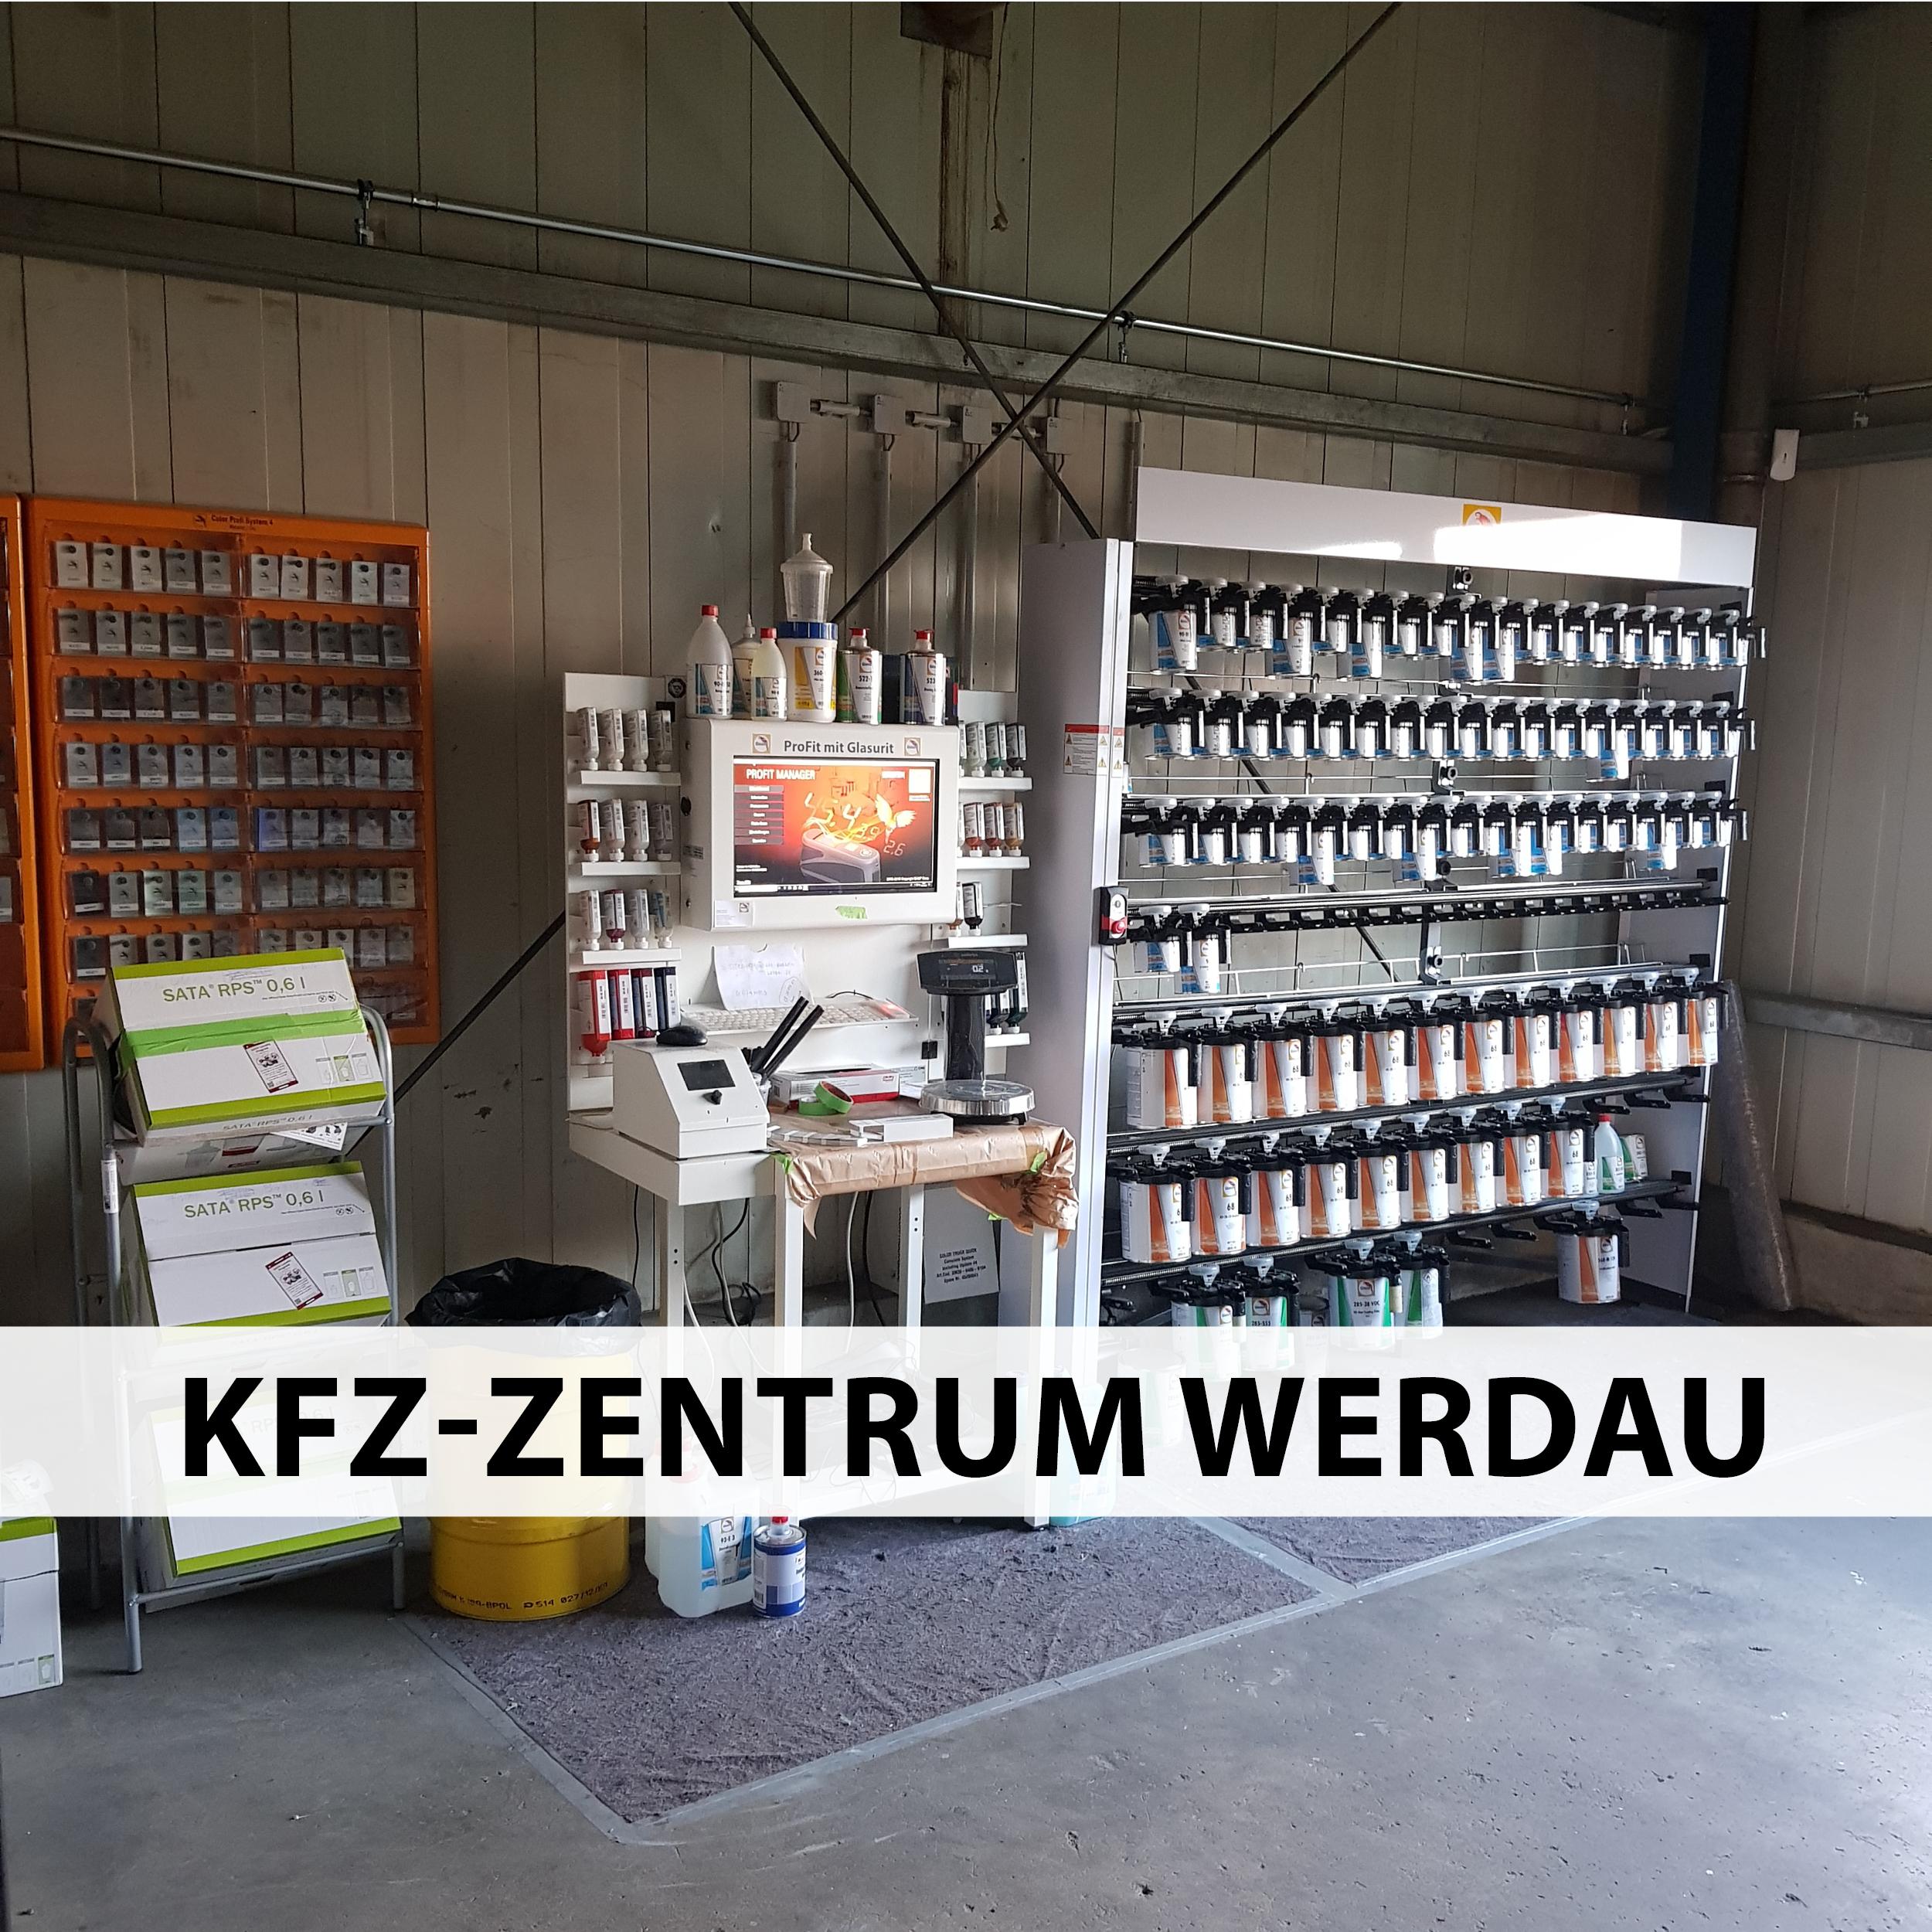 KFZ-Zentrum Werdau Werdau